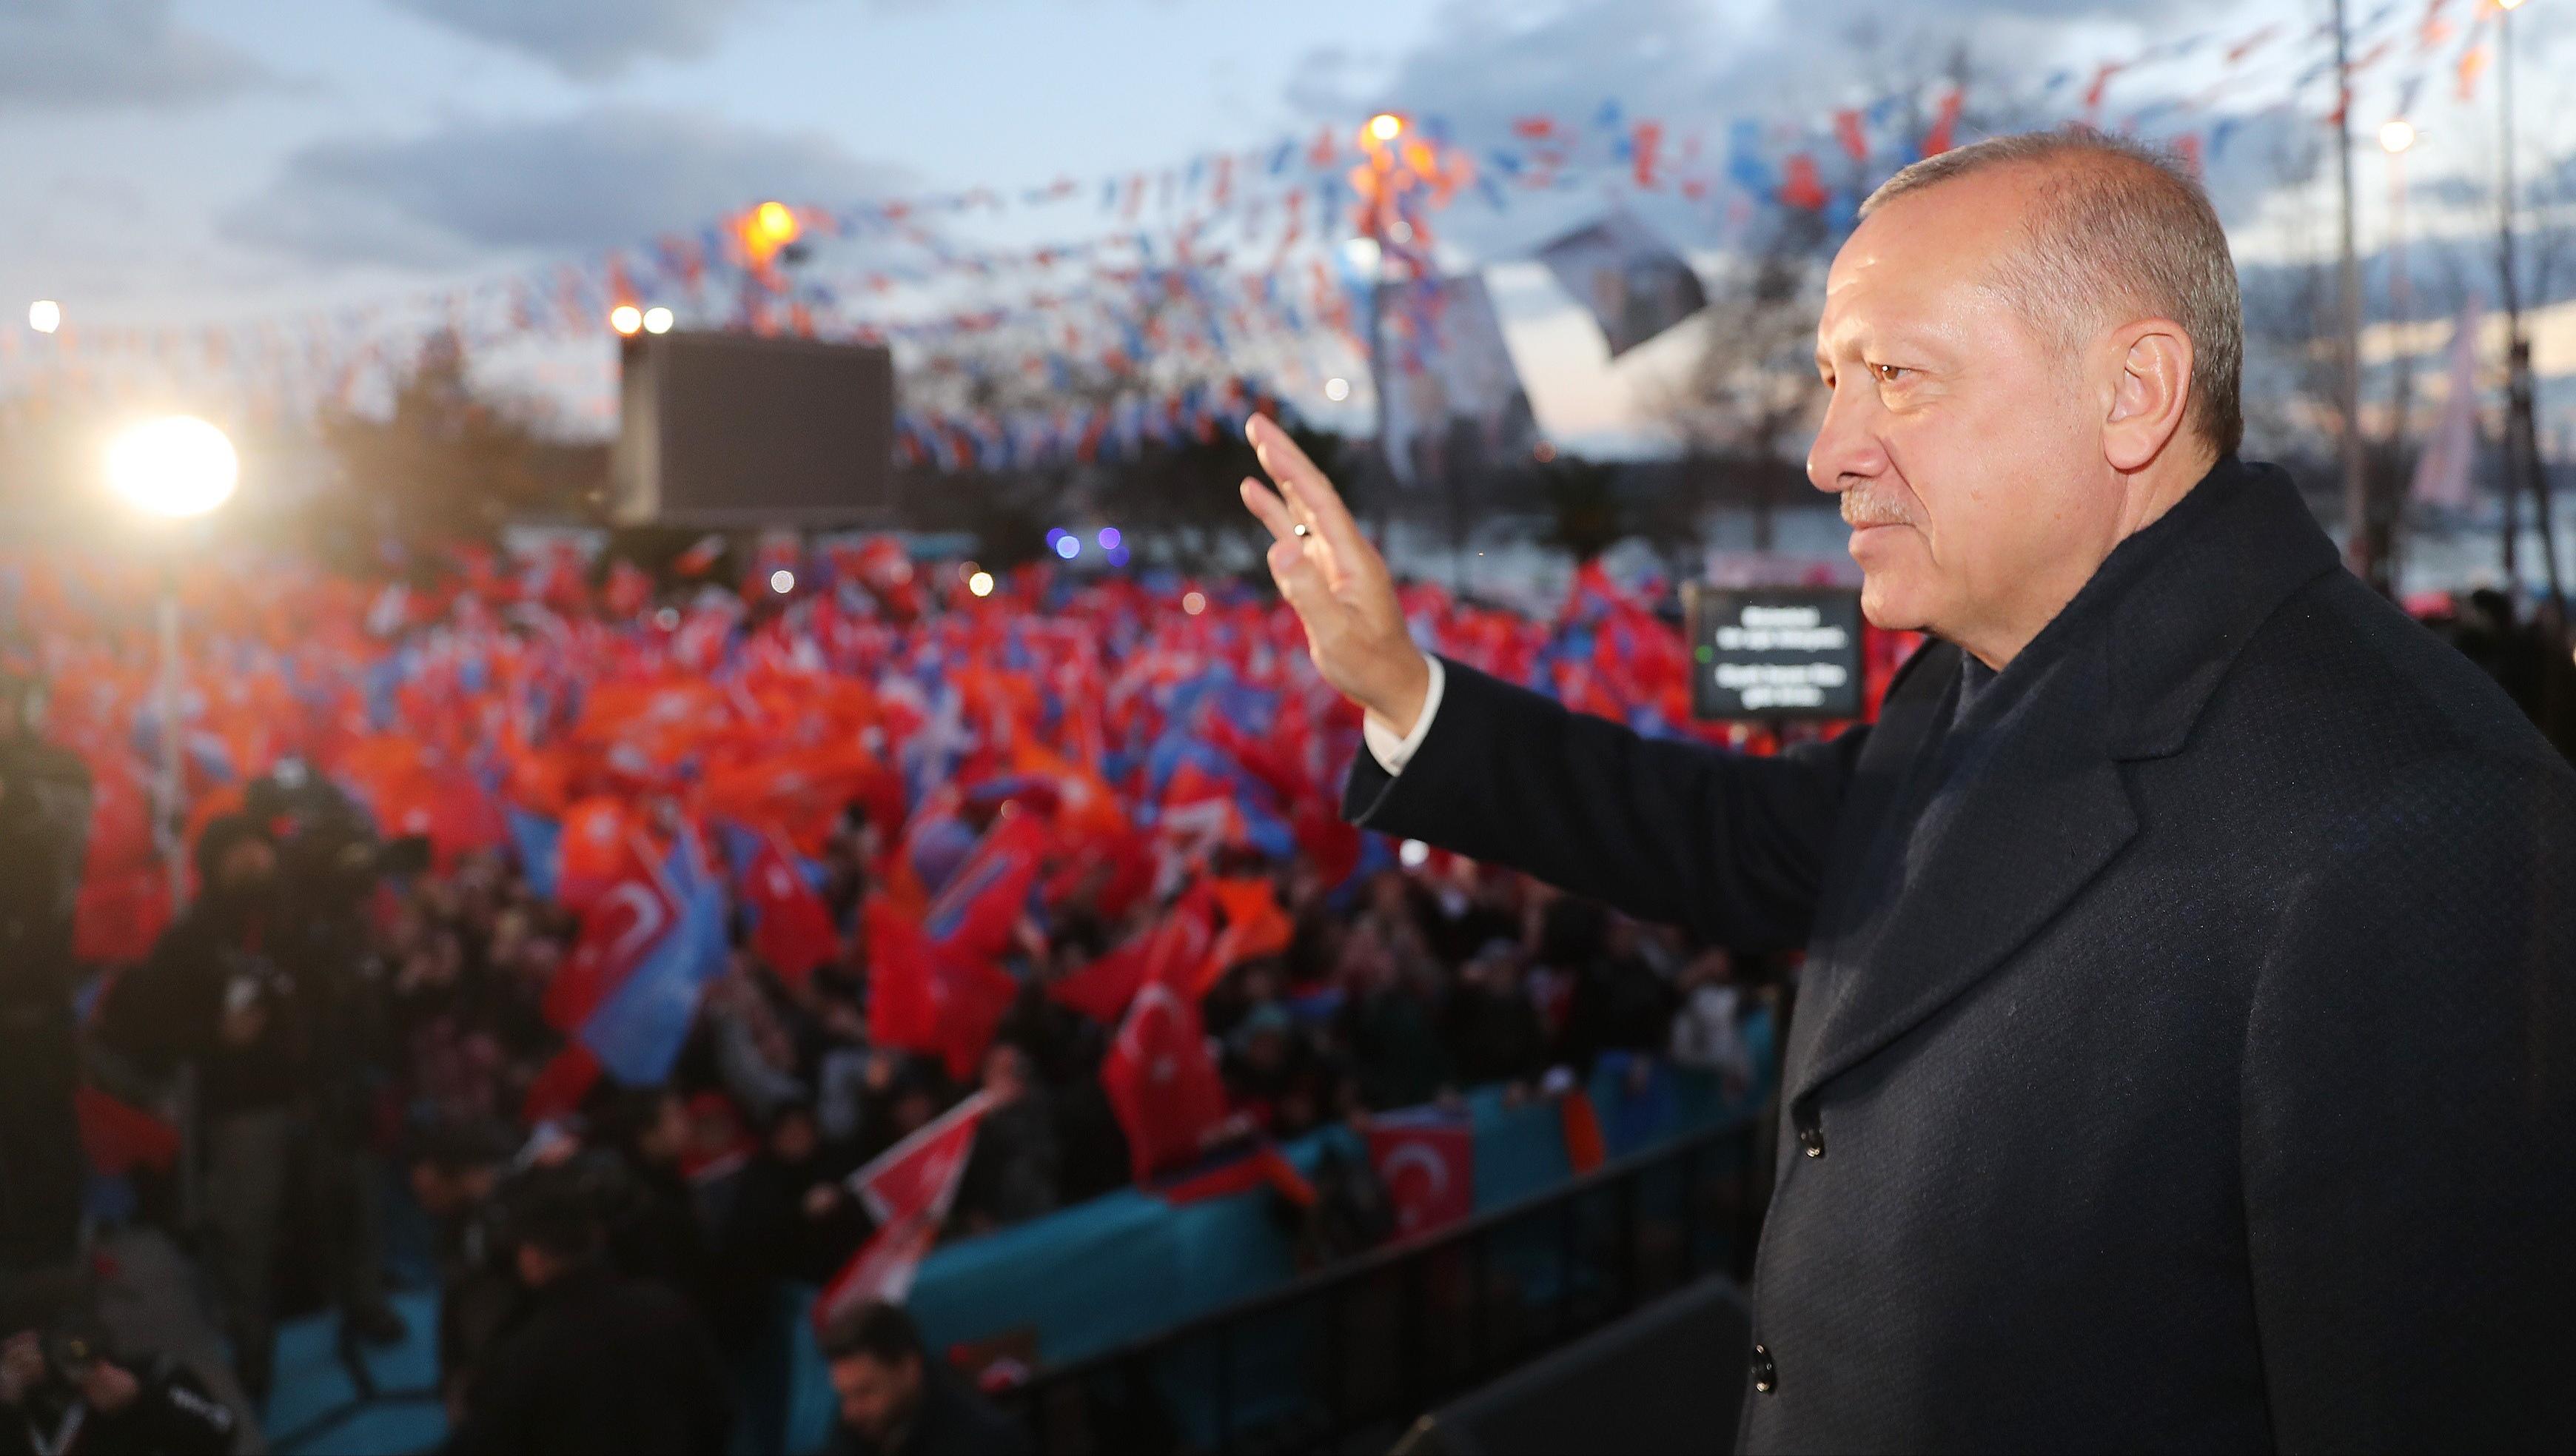 Cumhurbaşkanı Erdoğan, Beykoz'da 15 Temmuzu Hatırlattı